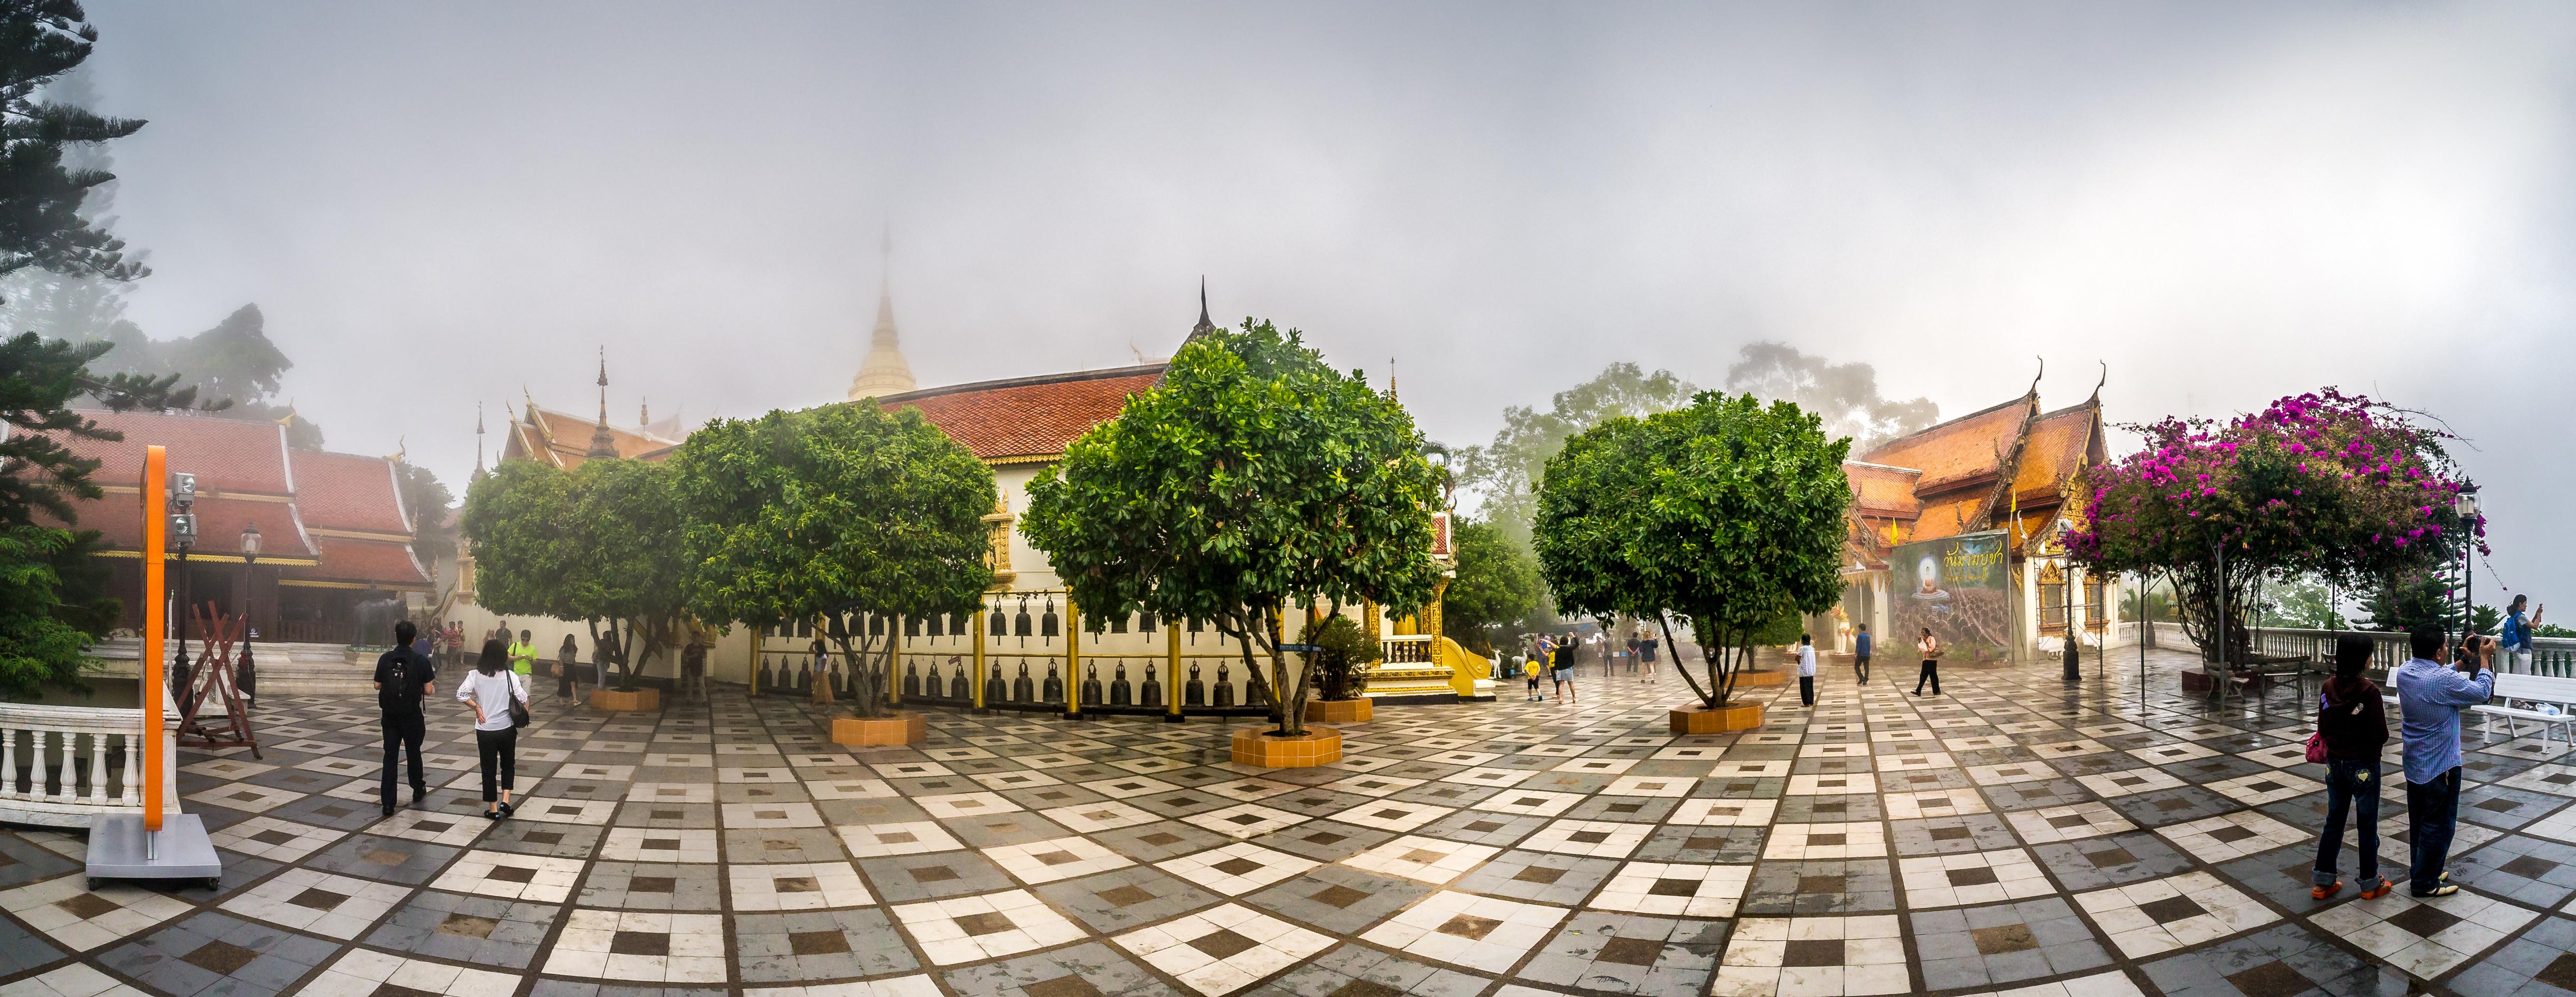 Wat Doi Suthep - Things to do in Chiang Mai